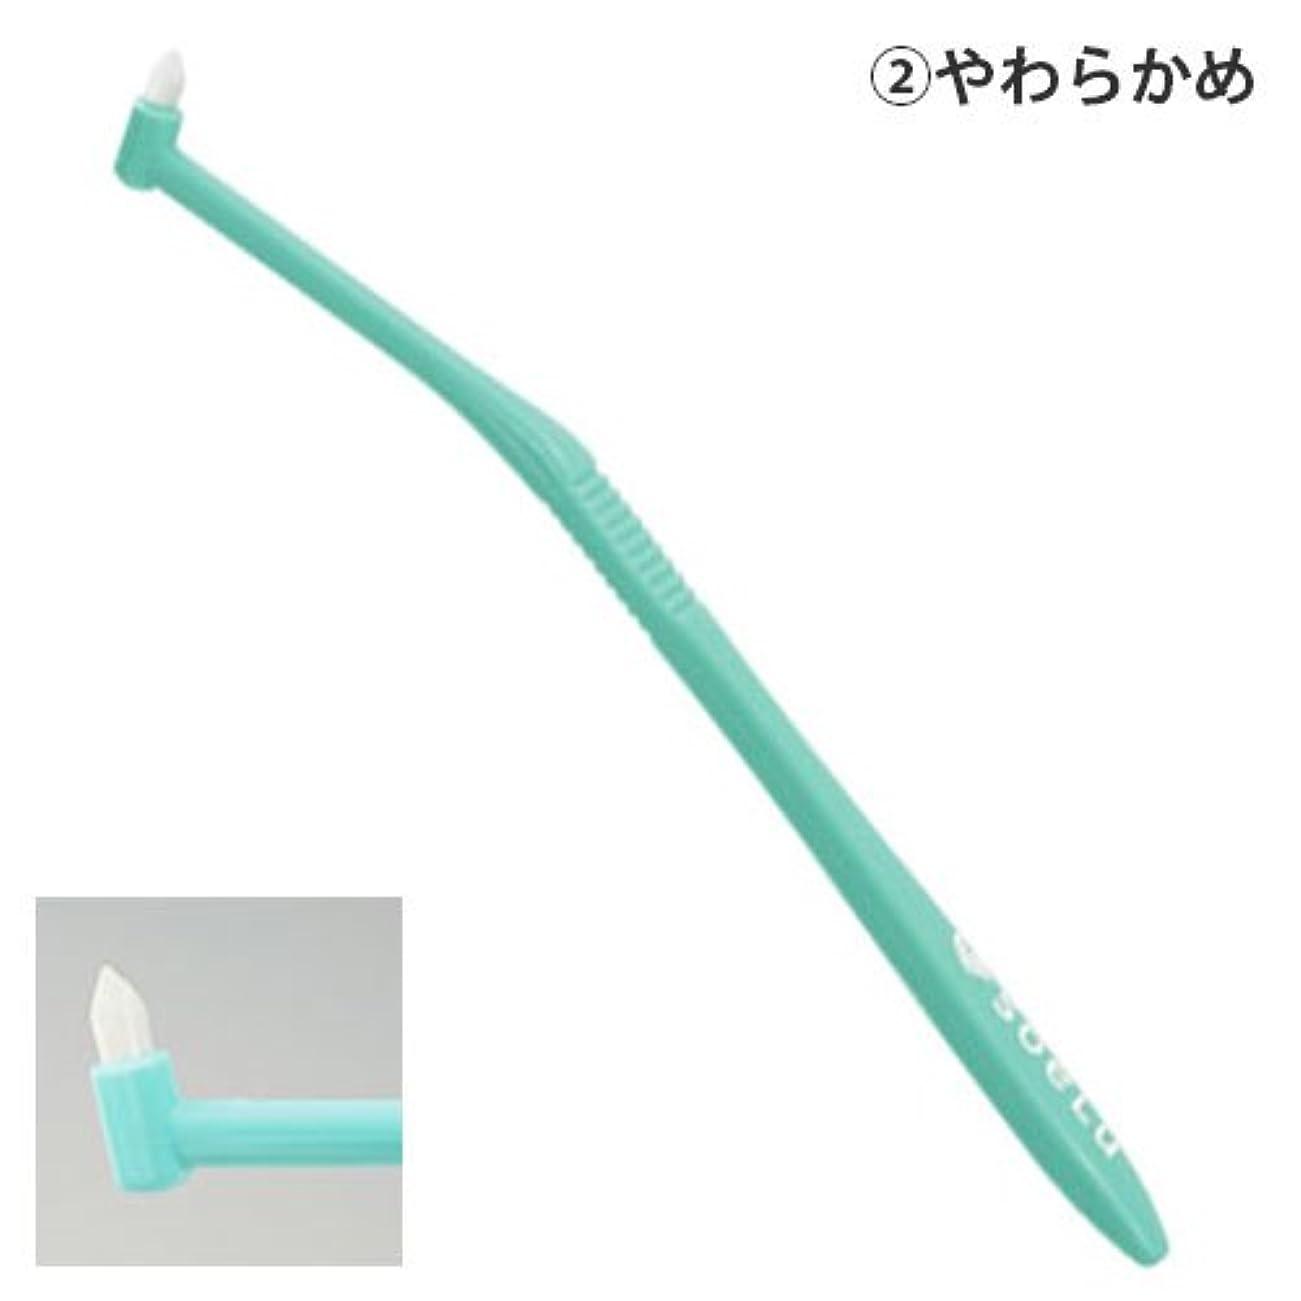 可愛い韻物理的なソエル 歯ブラシ PLUSやわらかめ